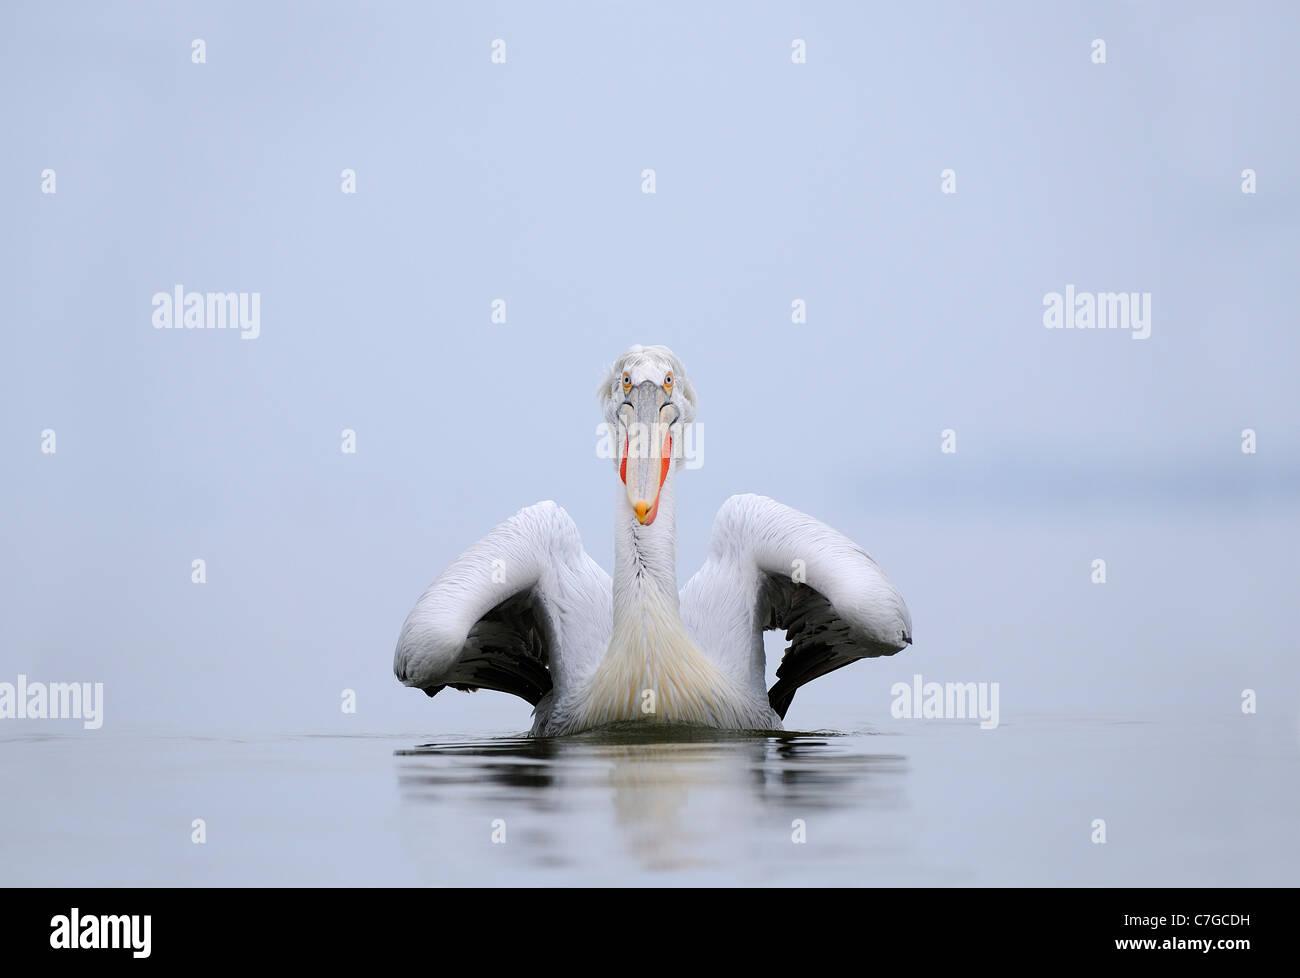 Dalmatian Pelican (Pelecanus crispus) swimming, adult in breeding plumage, Lake Kerkini, Greece - Stock Image